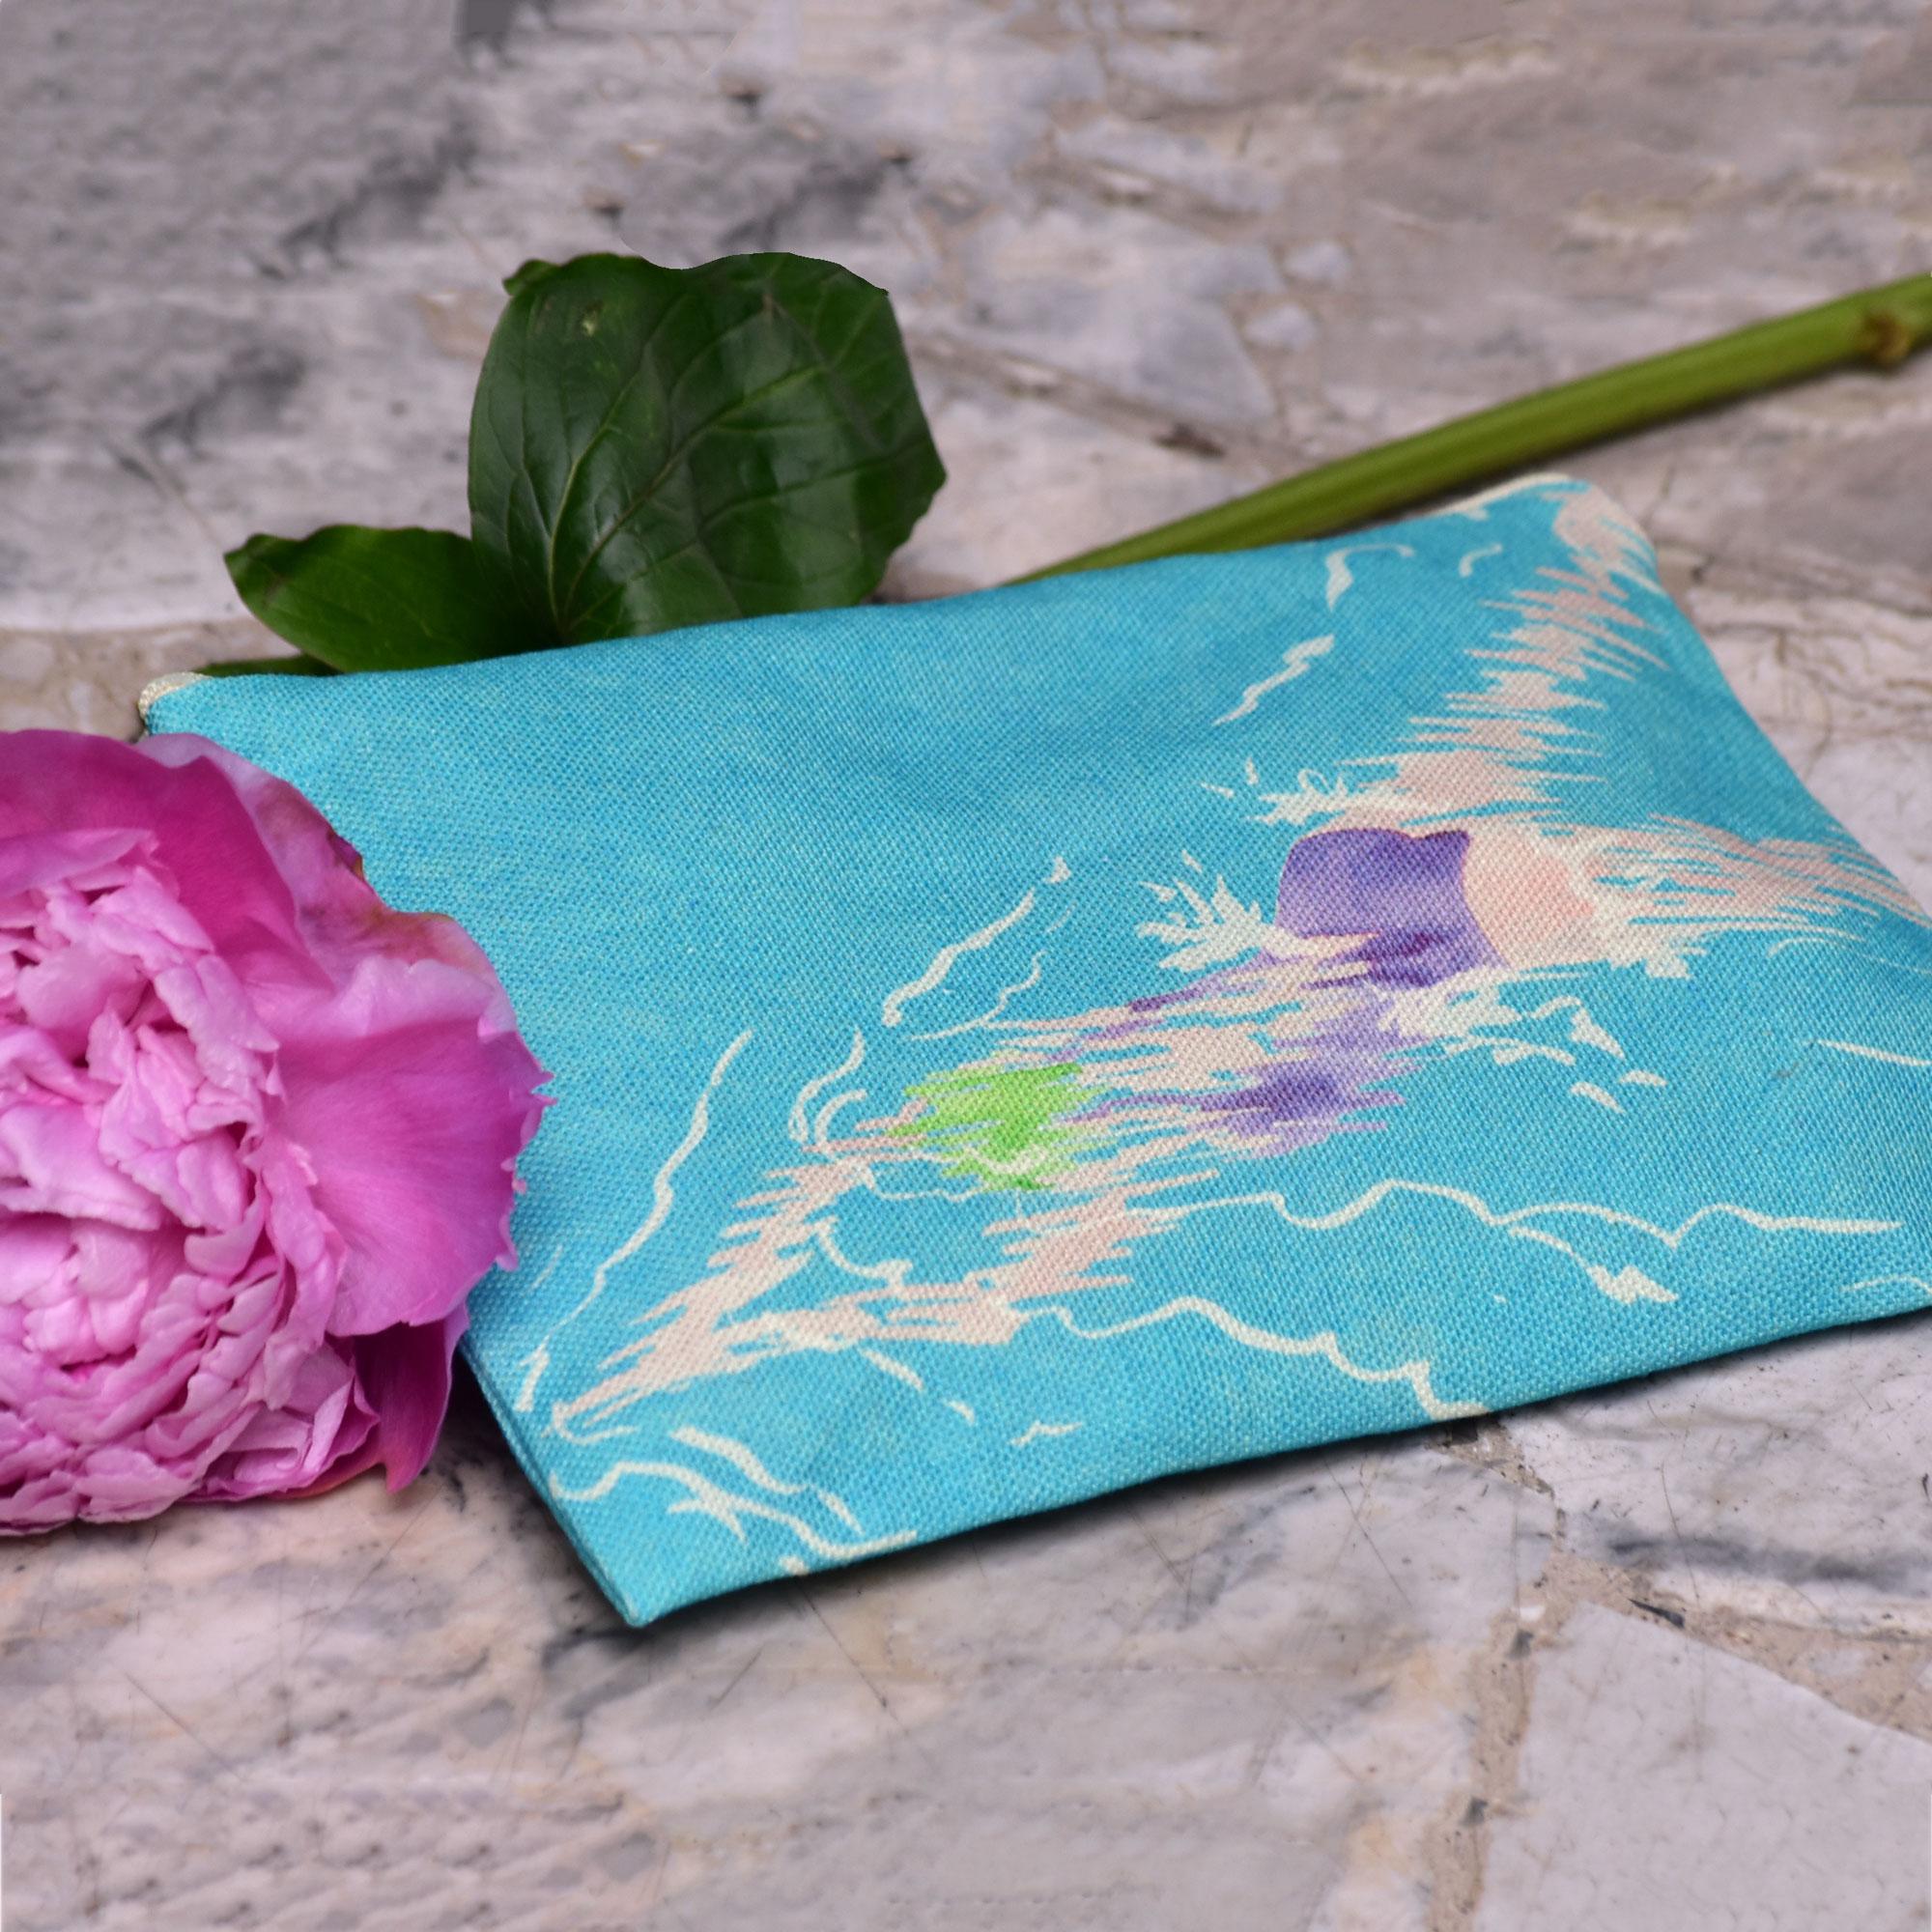 Pochette en tissu avec une fleur rose. Le motif sur la pochette représente une nageuse avec un maillot de bain violet sur fond bleu